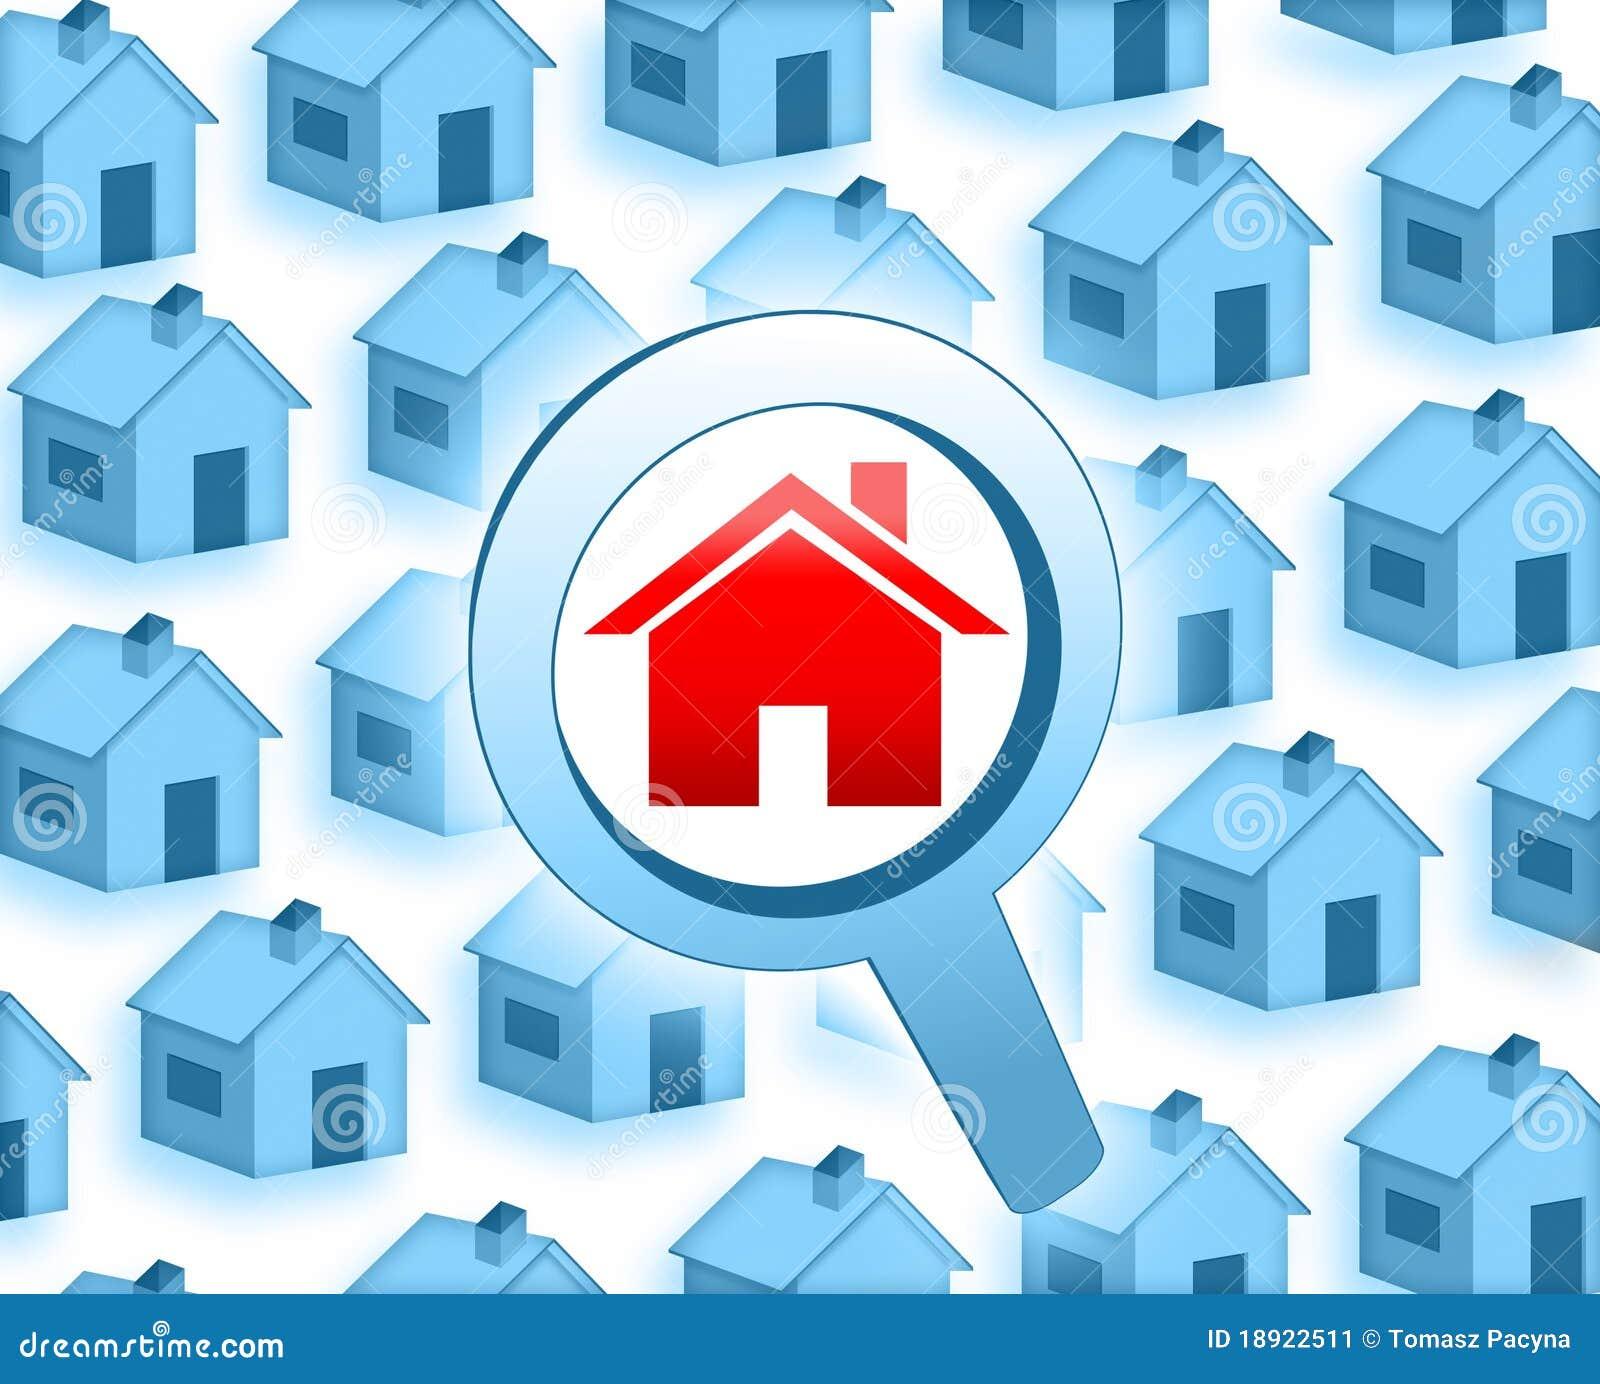 zoek een huis stock illustratie afbeelding bestaande uit